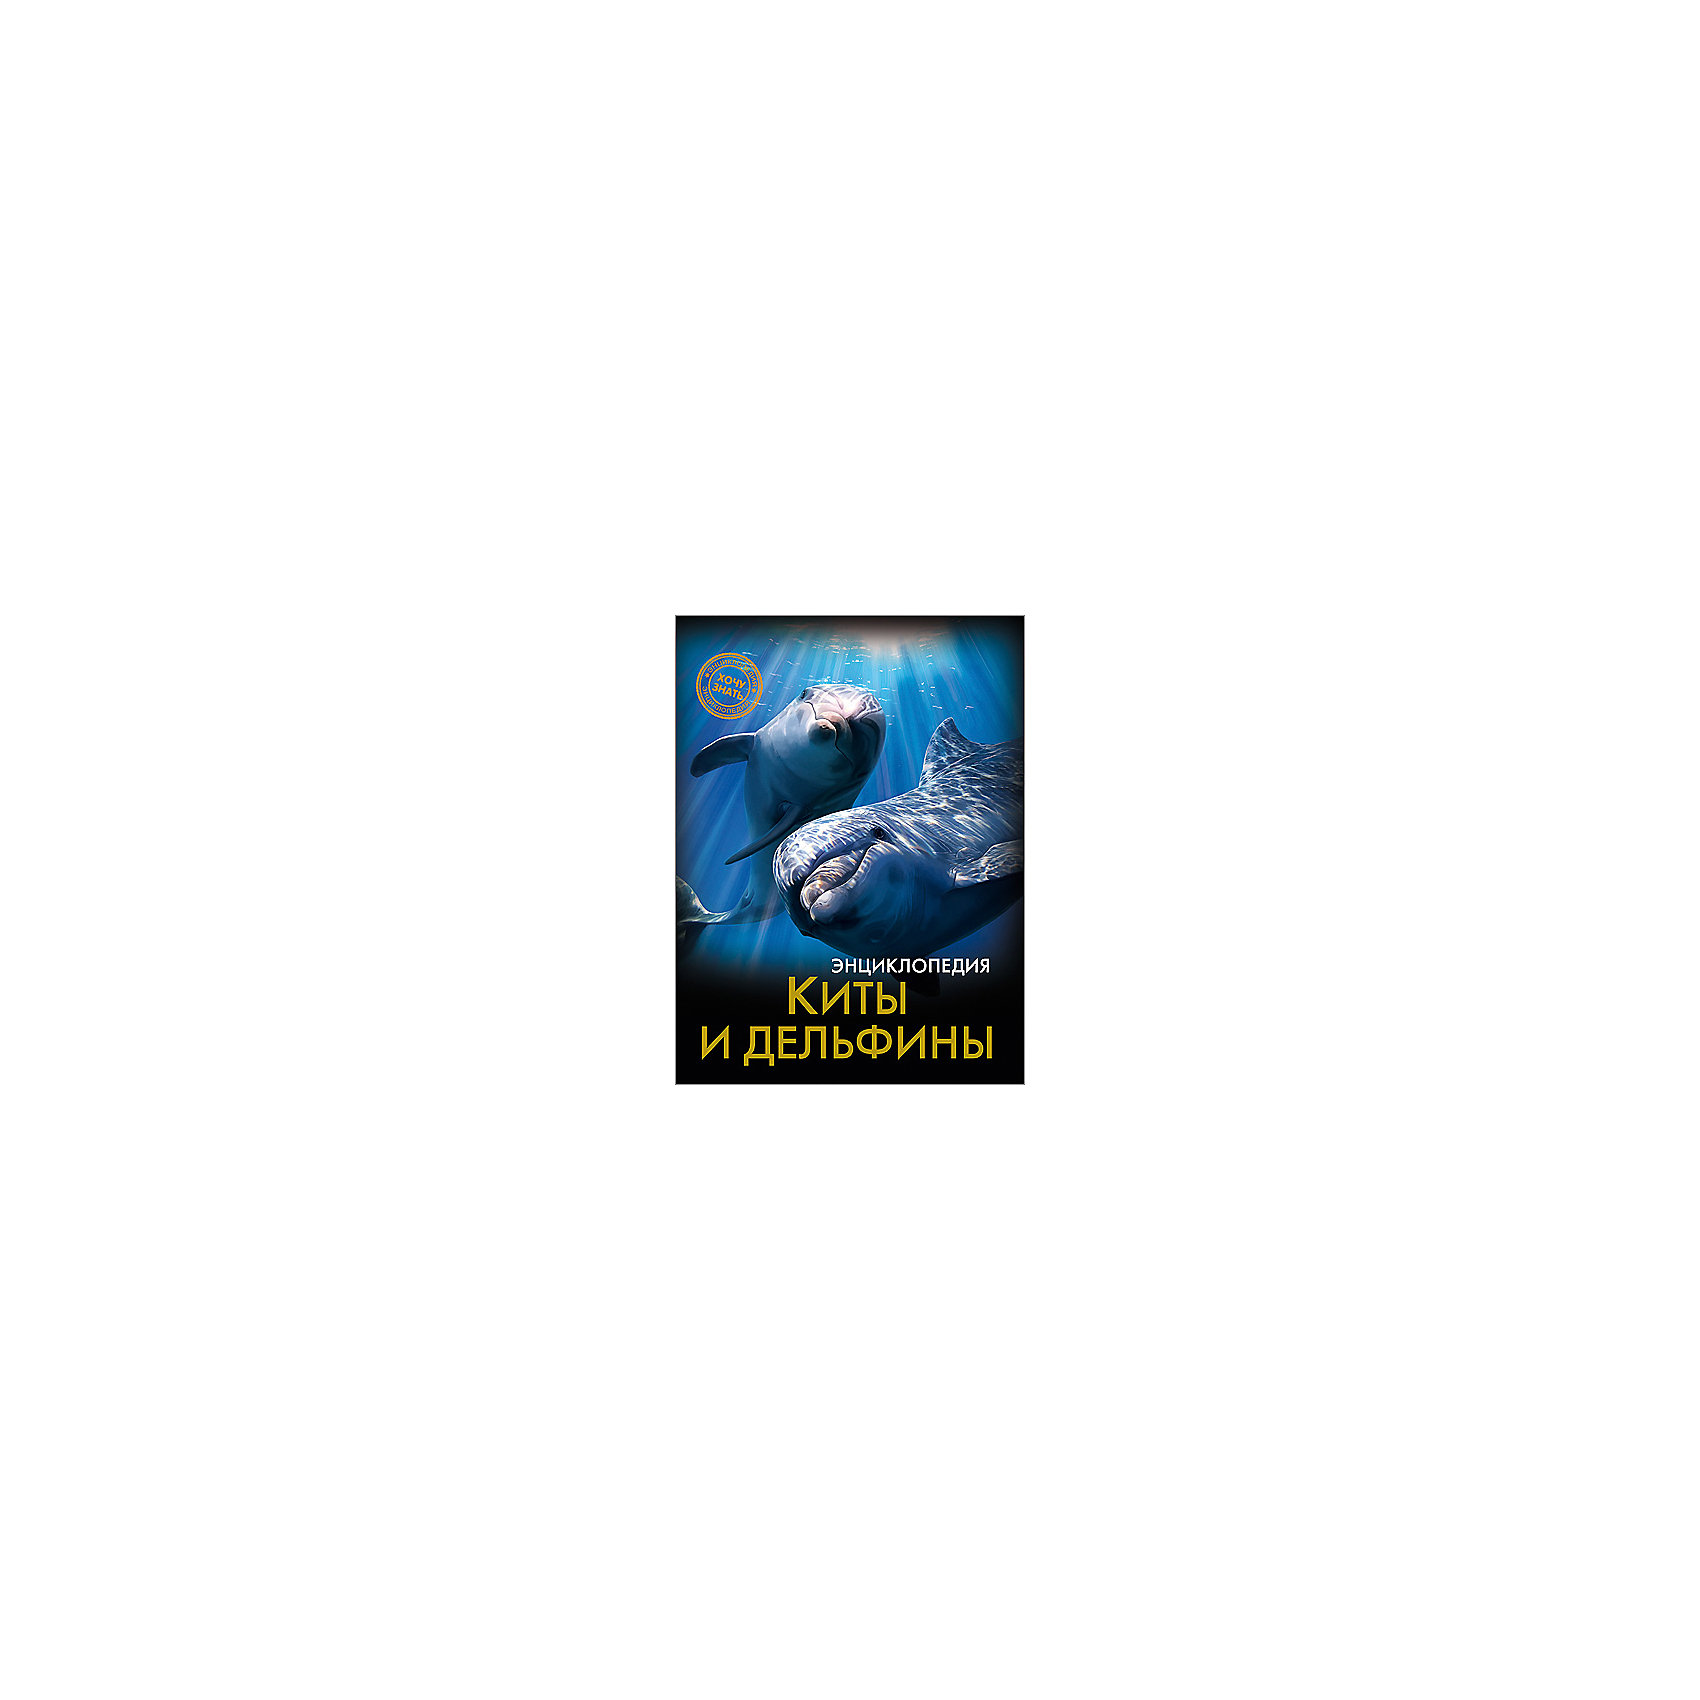 Энциклопедия Киты и дельфиныЭнциклопедии о животных<br>Эта энциклопедия позволит вашему ребенку узнать много нового о китах и дельфинах! В этом издании вы найдете множество интересных и увлекательных тем и фактов, изложенных простым, понятным для детей языком, дополненных яркими иллюстрациями. Энциклопедия в твердой красочной обложке станет прекрасным подарком на любой праздник и обязательно заинтересует ребенка, поможет расширить кругозор и увеличить словарный запас. <br><br>Дополнительная информация:<br><br>- Автор: Савостин Михаил.<br>- Художник: Смирнов Дмитрий.<br>- Формат: 21,6х17 см.<br>- Переплет: твердый, 7БЦ.<br>- Количество страниц: 96.<br>- Иллюстрации: цветные.<br>- Содержание: Введение. Усатые киты. Зубатые киты. Заключение.<br><br>Энциклопедию Киты и дельфины можно купить в нашем магазине.<br><br>Ширина мм: 170<br>Глубина мм: 5<br>Высота мм: 215<br>Вес г: 310<br>Возраст от месяцев: 72<br>Возраст до месяцев: 2147483647<br>Пол: Унисекс<br>Возраст: Детский<br>SKU: 4756240